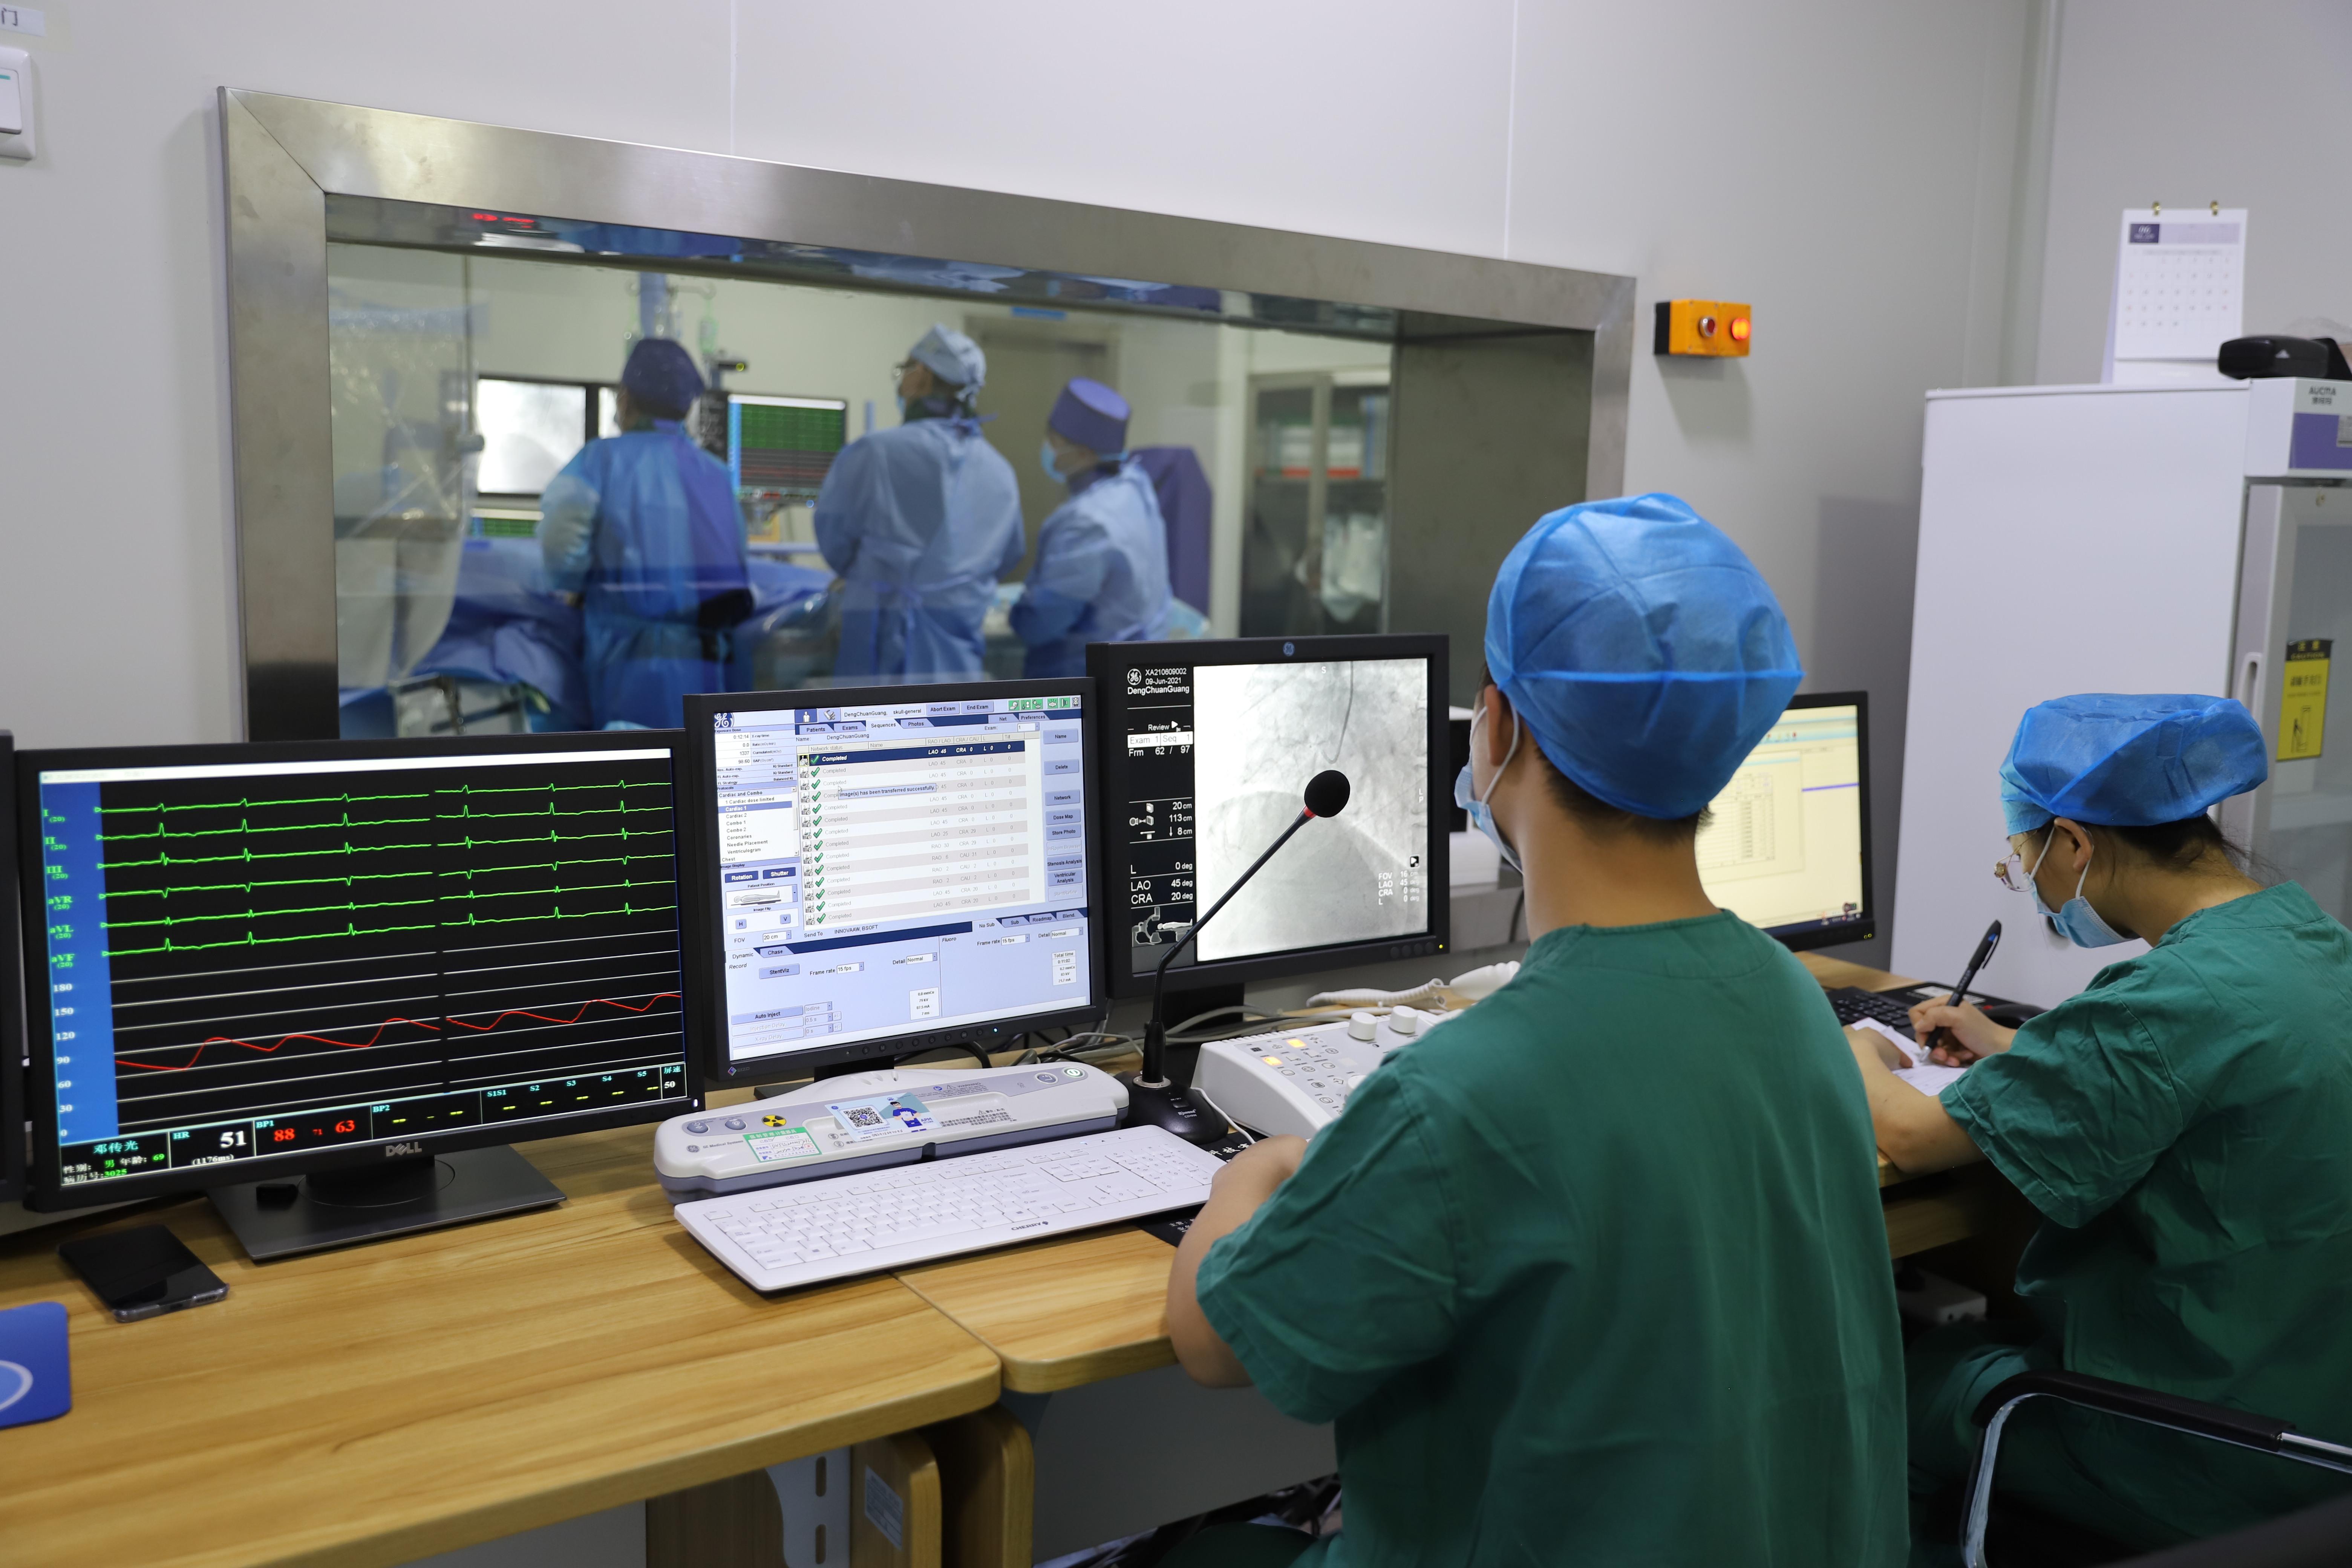 贵州湄潭家礼医院:数字减影血管造影机投入使用,微创介入治疗开启新篇章!